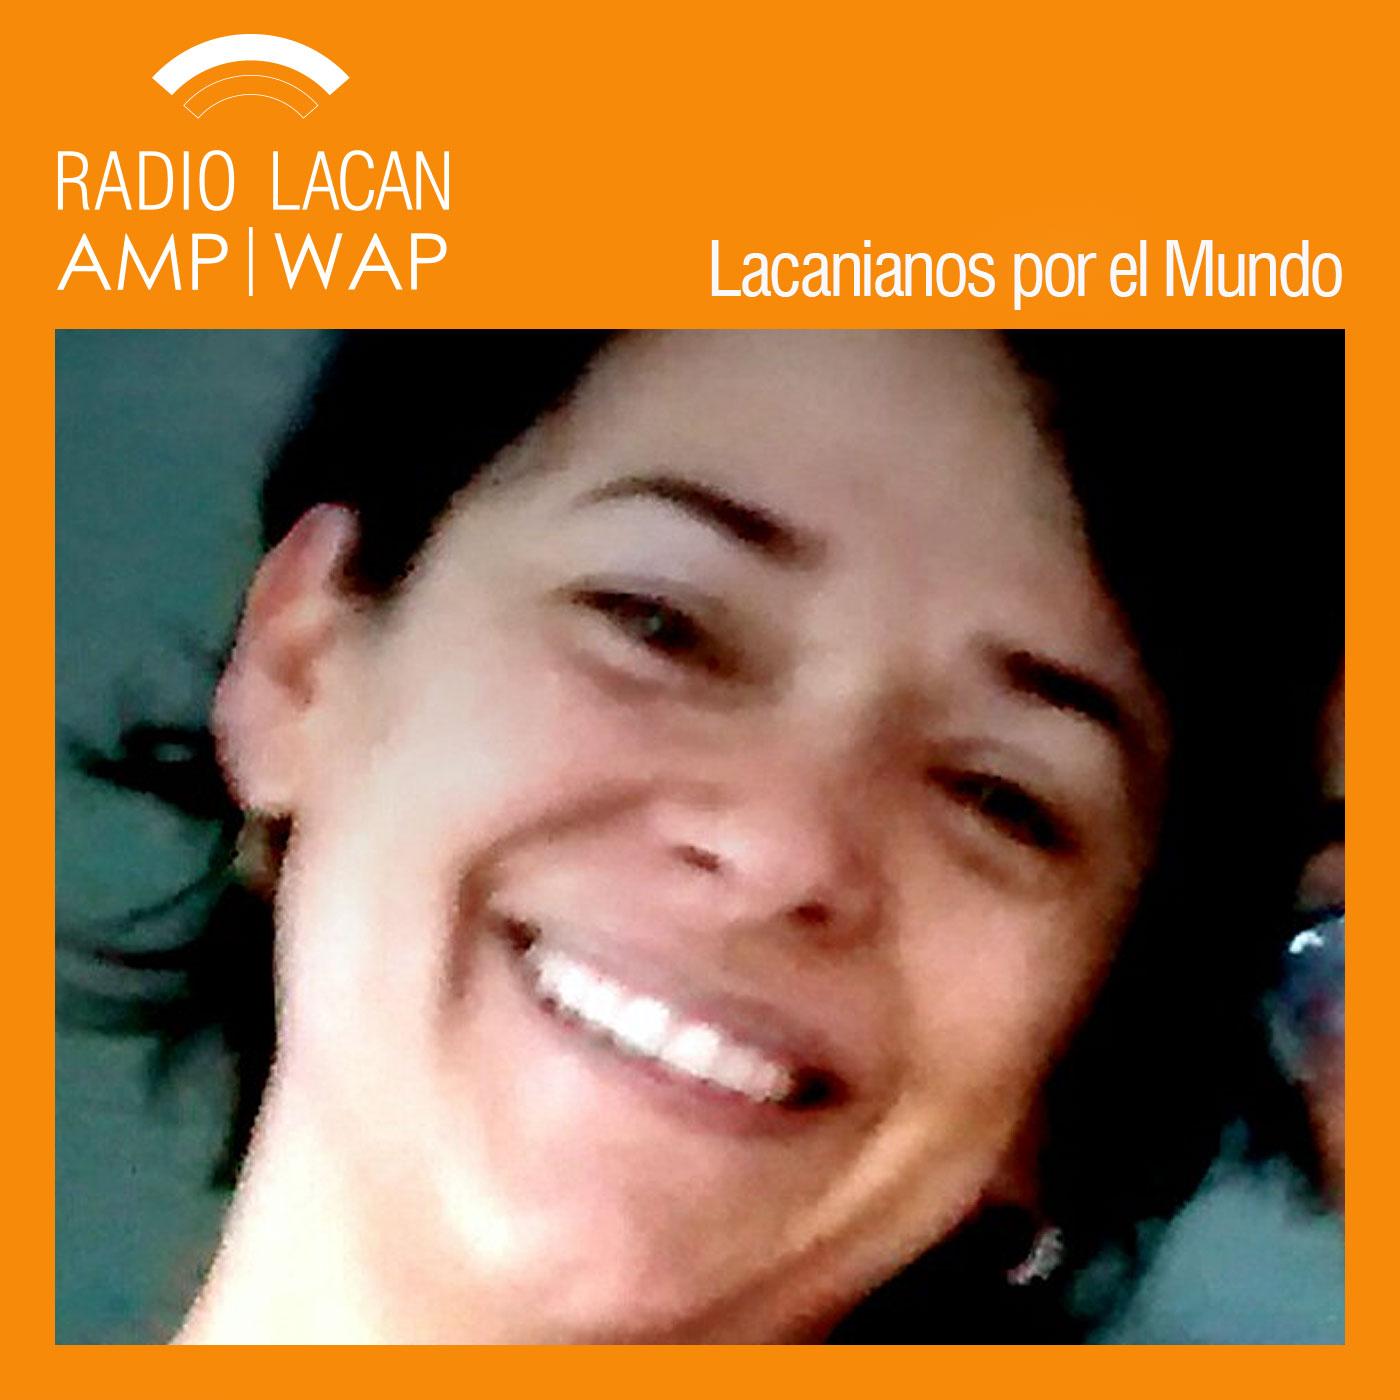 RadioLacan.com | <![CDATA[#LacanianosxElMundo: Curitiba. Entrevista a Nohemi Ibañez Brown]]>